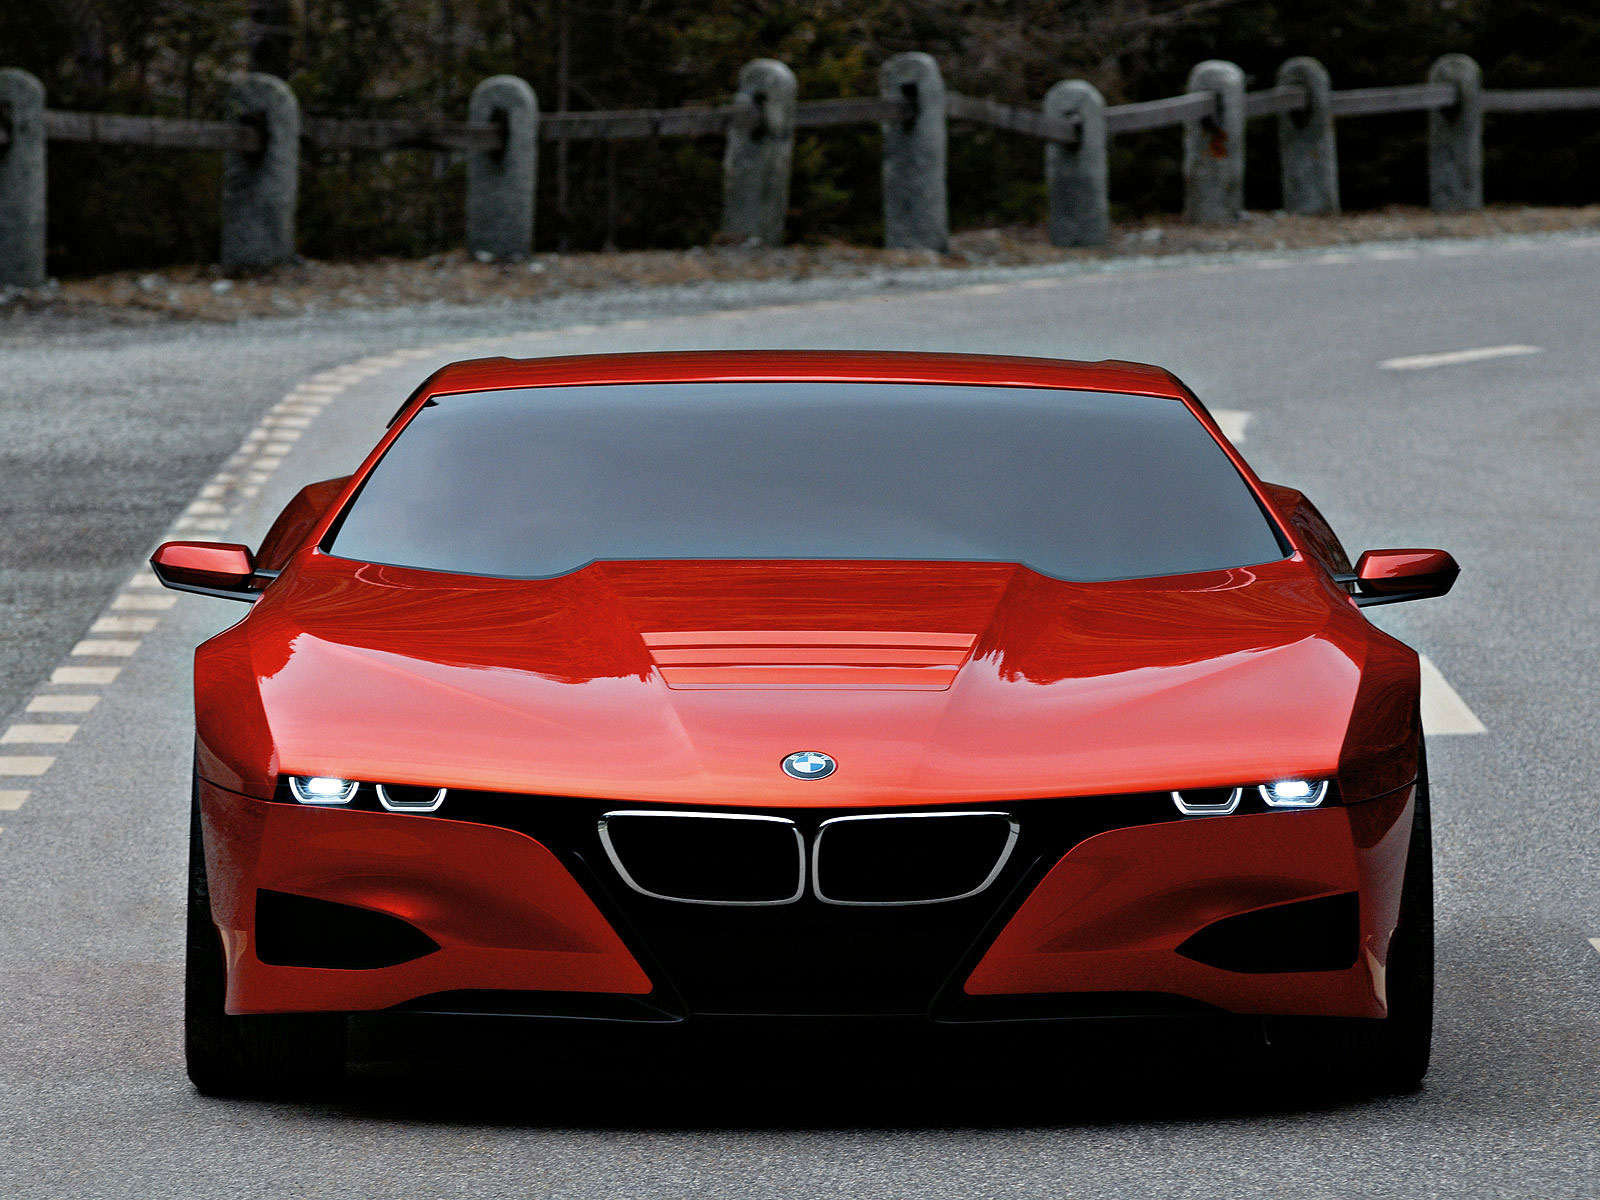 Gambar Mobil Sport Bmw Terbaru Modifikasi Mobil